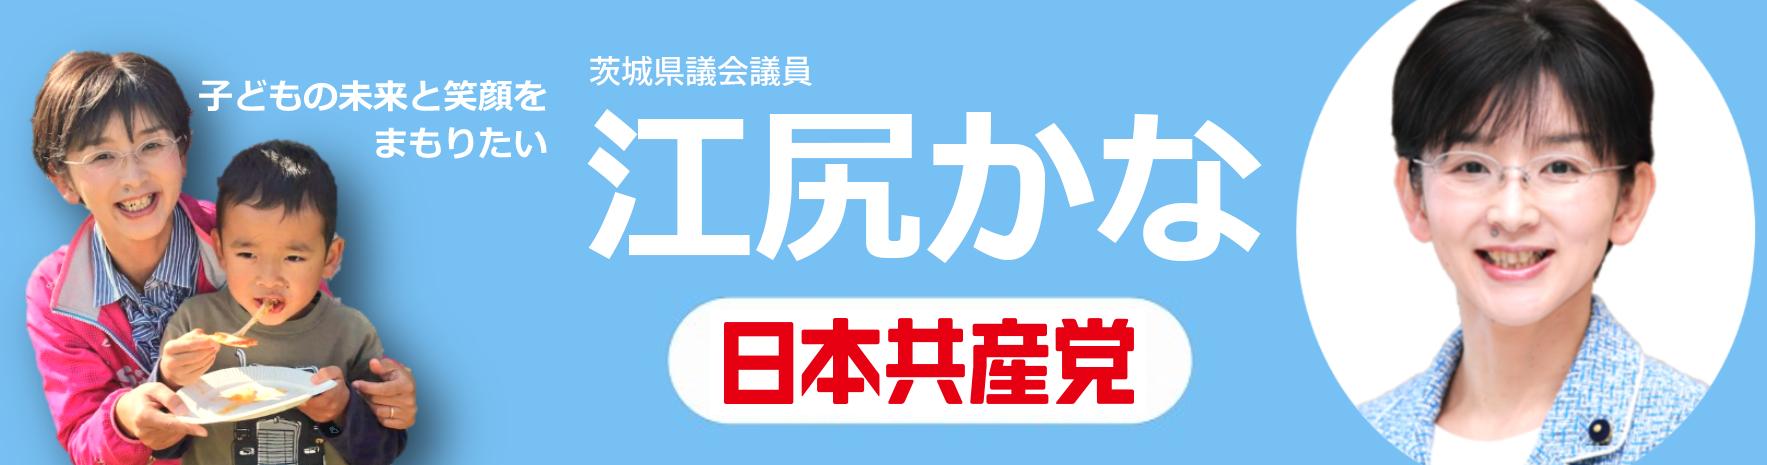 子どもの未来と笑顔をまもりたい 日本共産党 茨城県議会議員 江尻かな